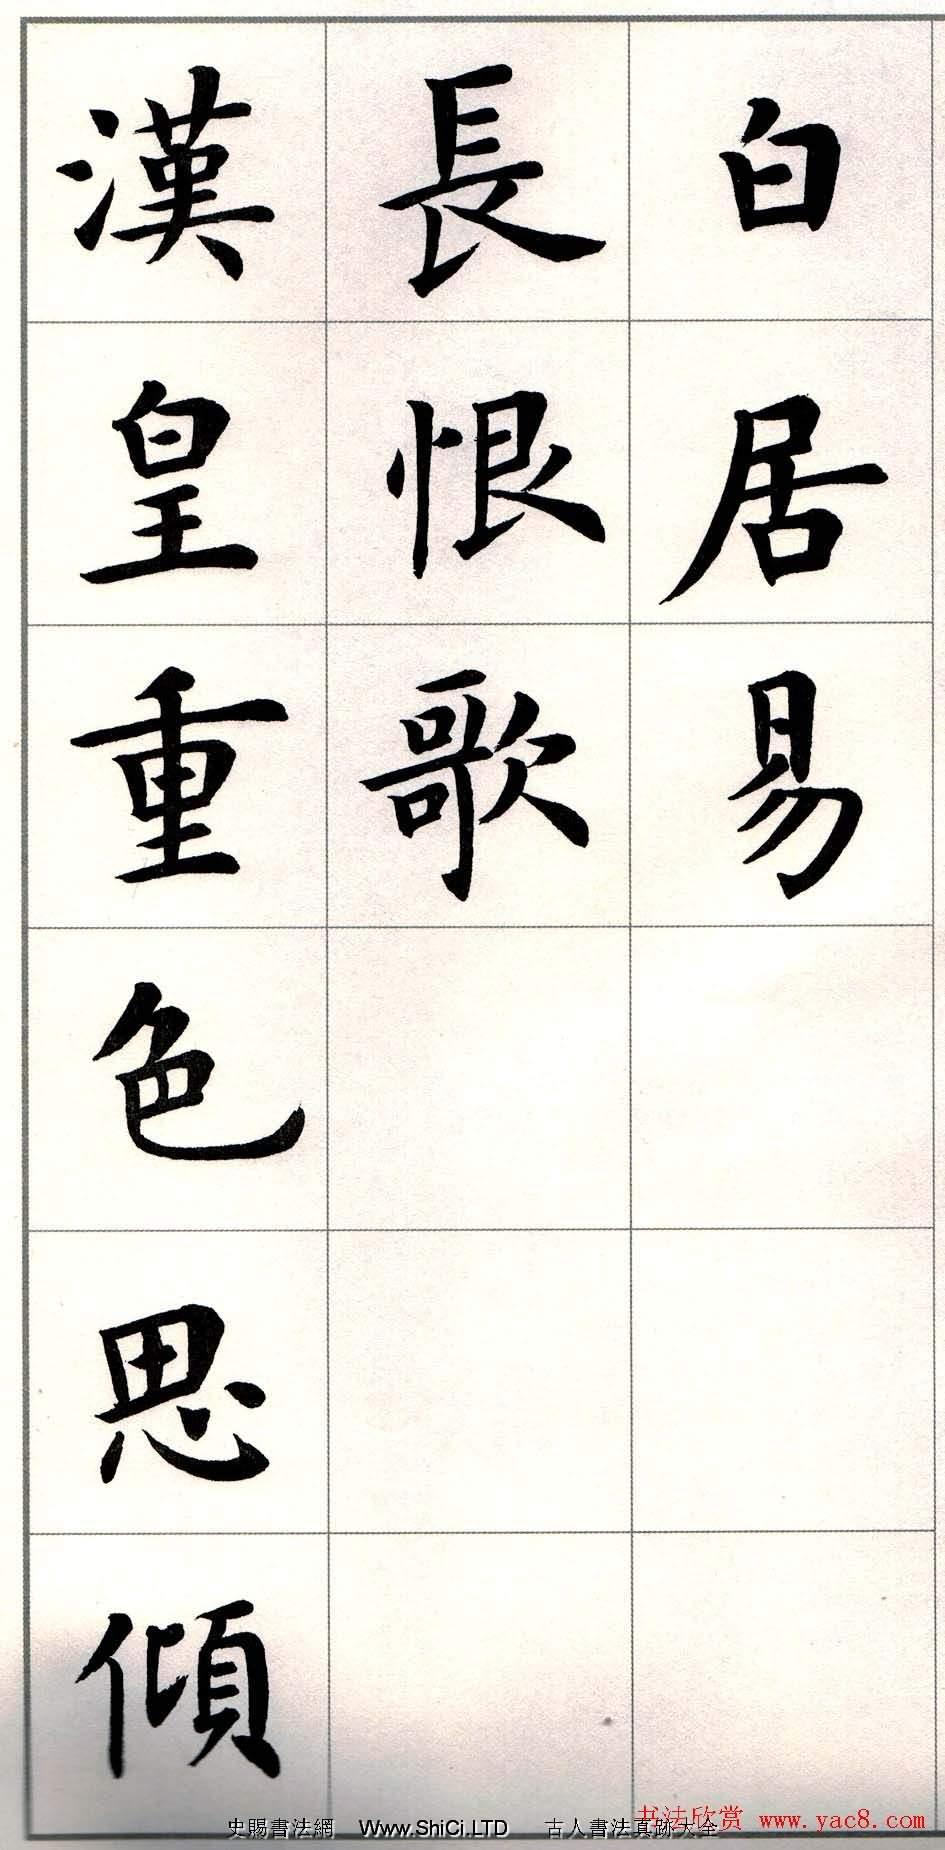 盧中南楷書真跡欣賞白居易長恨歌(共48張圖片)